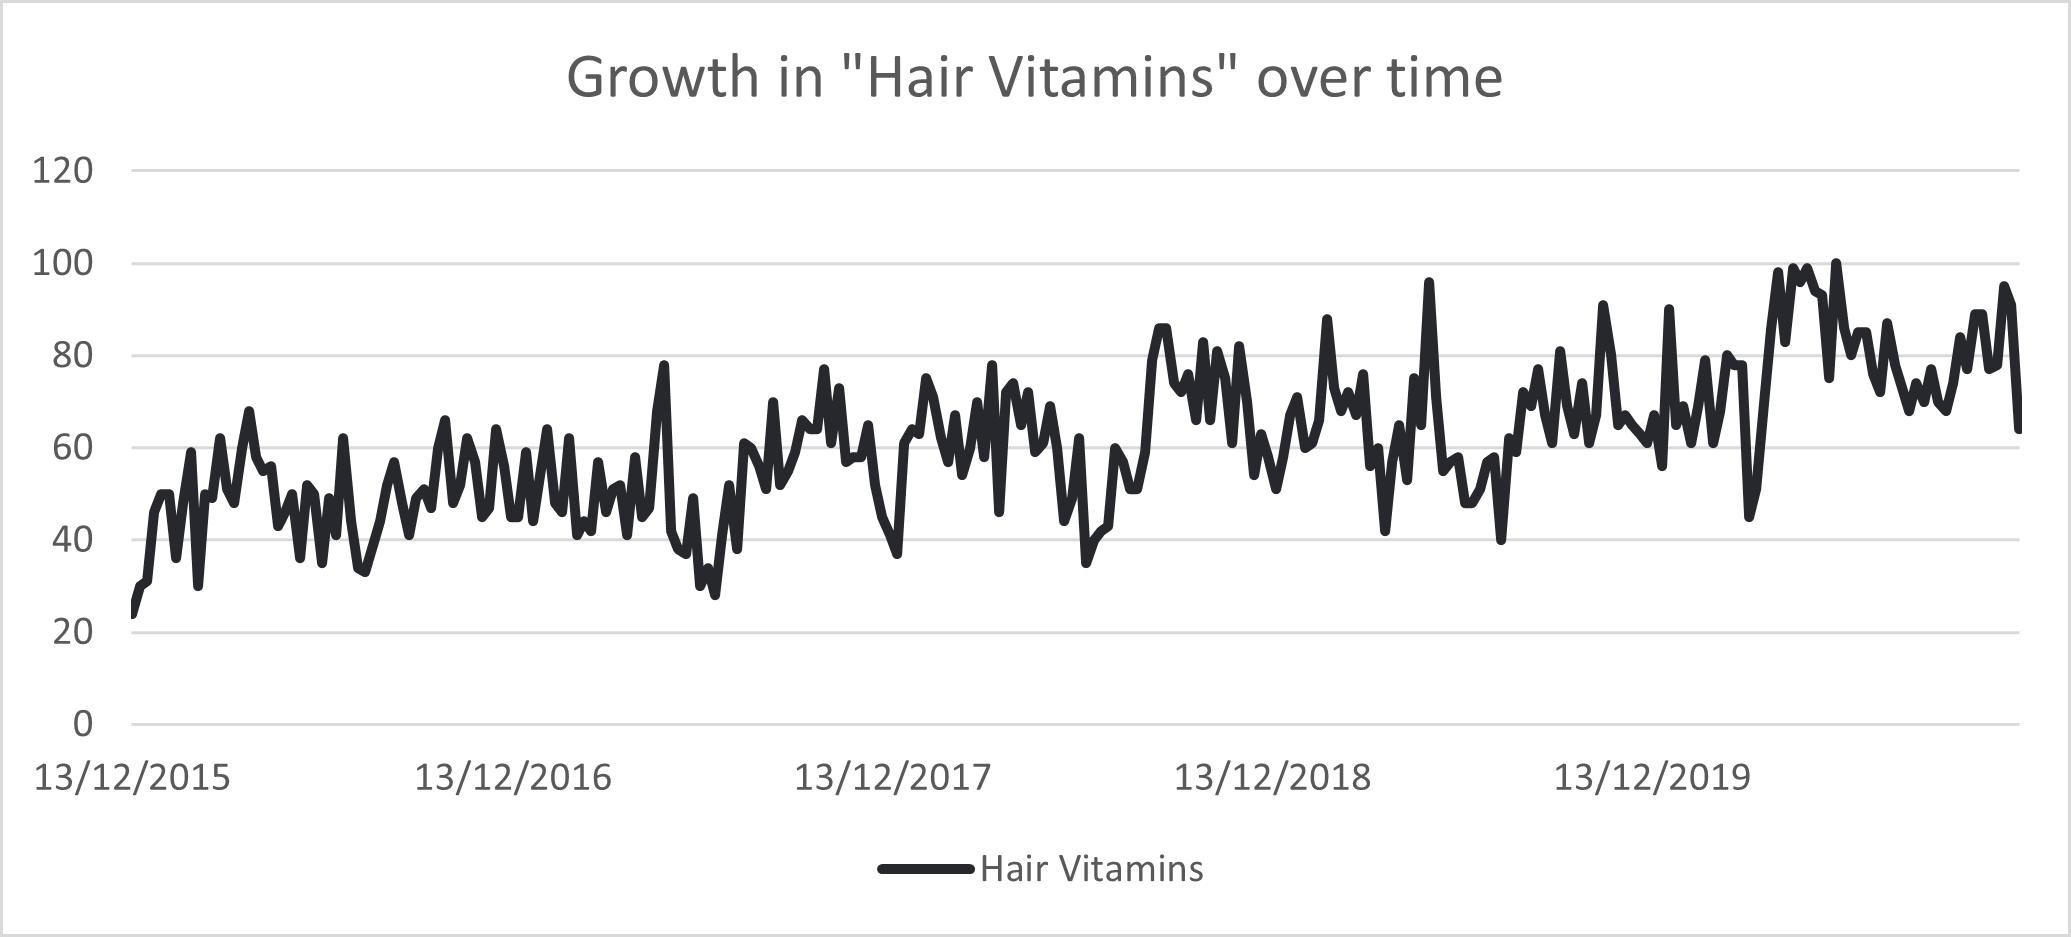 Growth in hair vitamins